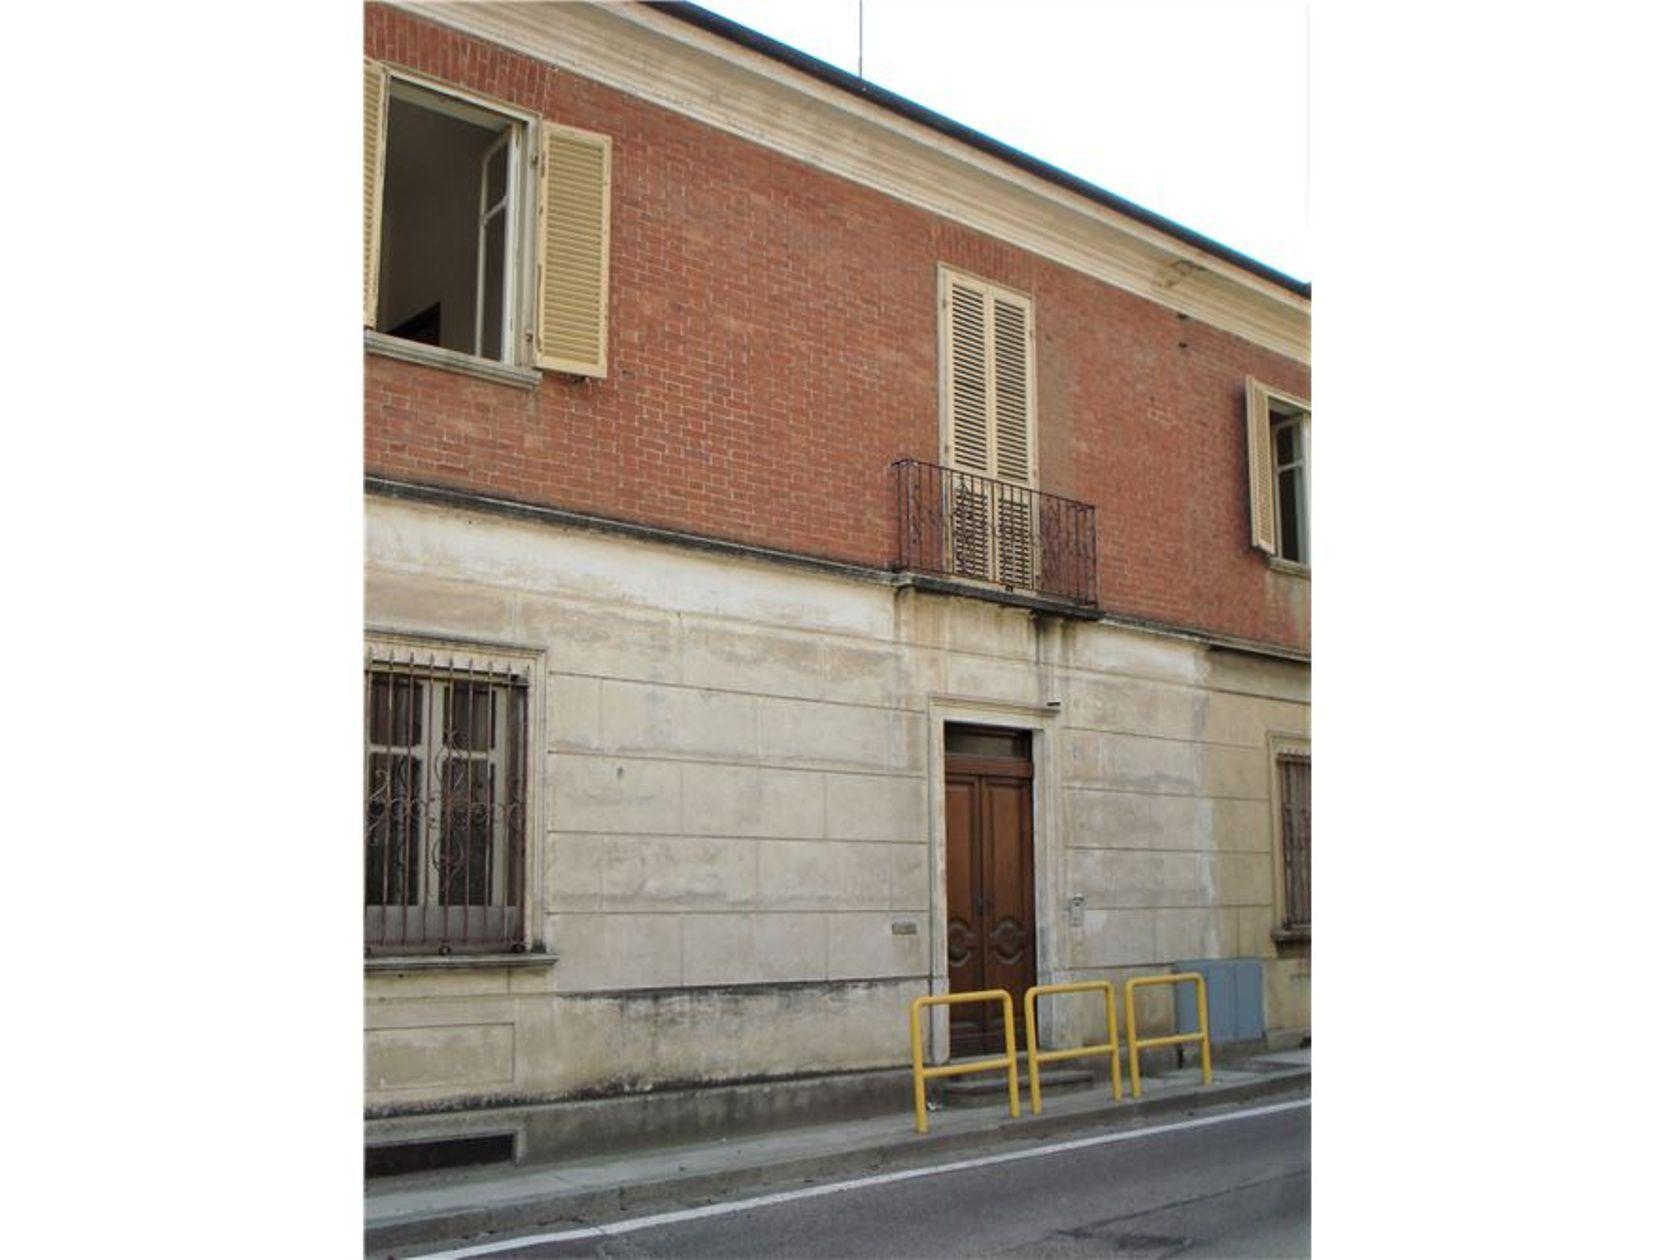 Appartamento Chieri, TO Vendita - Foto 2